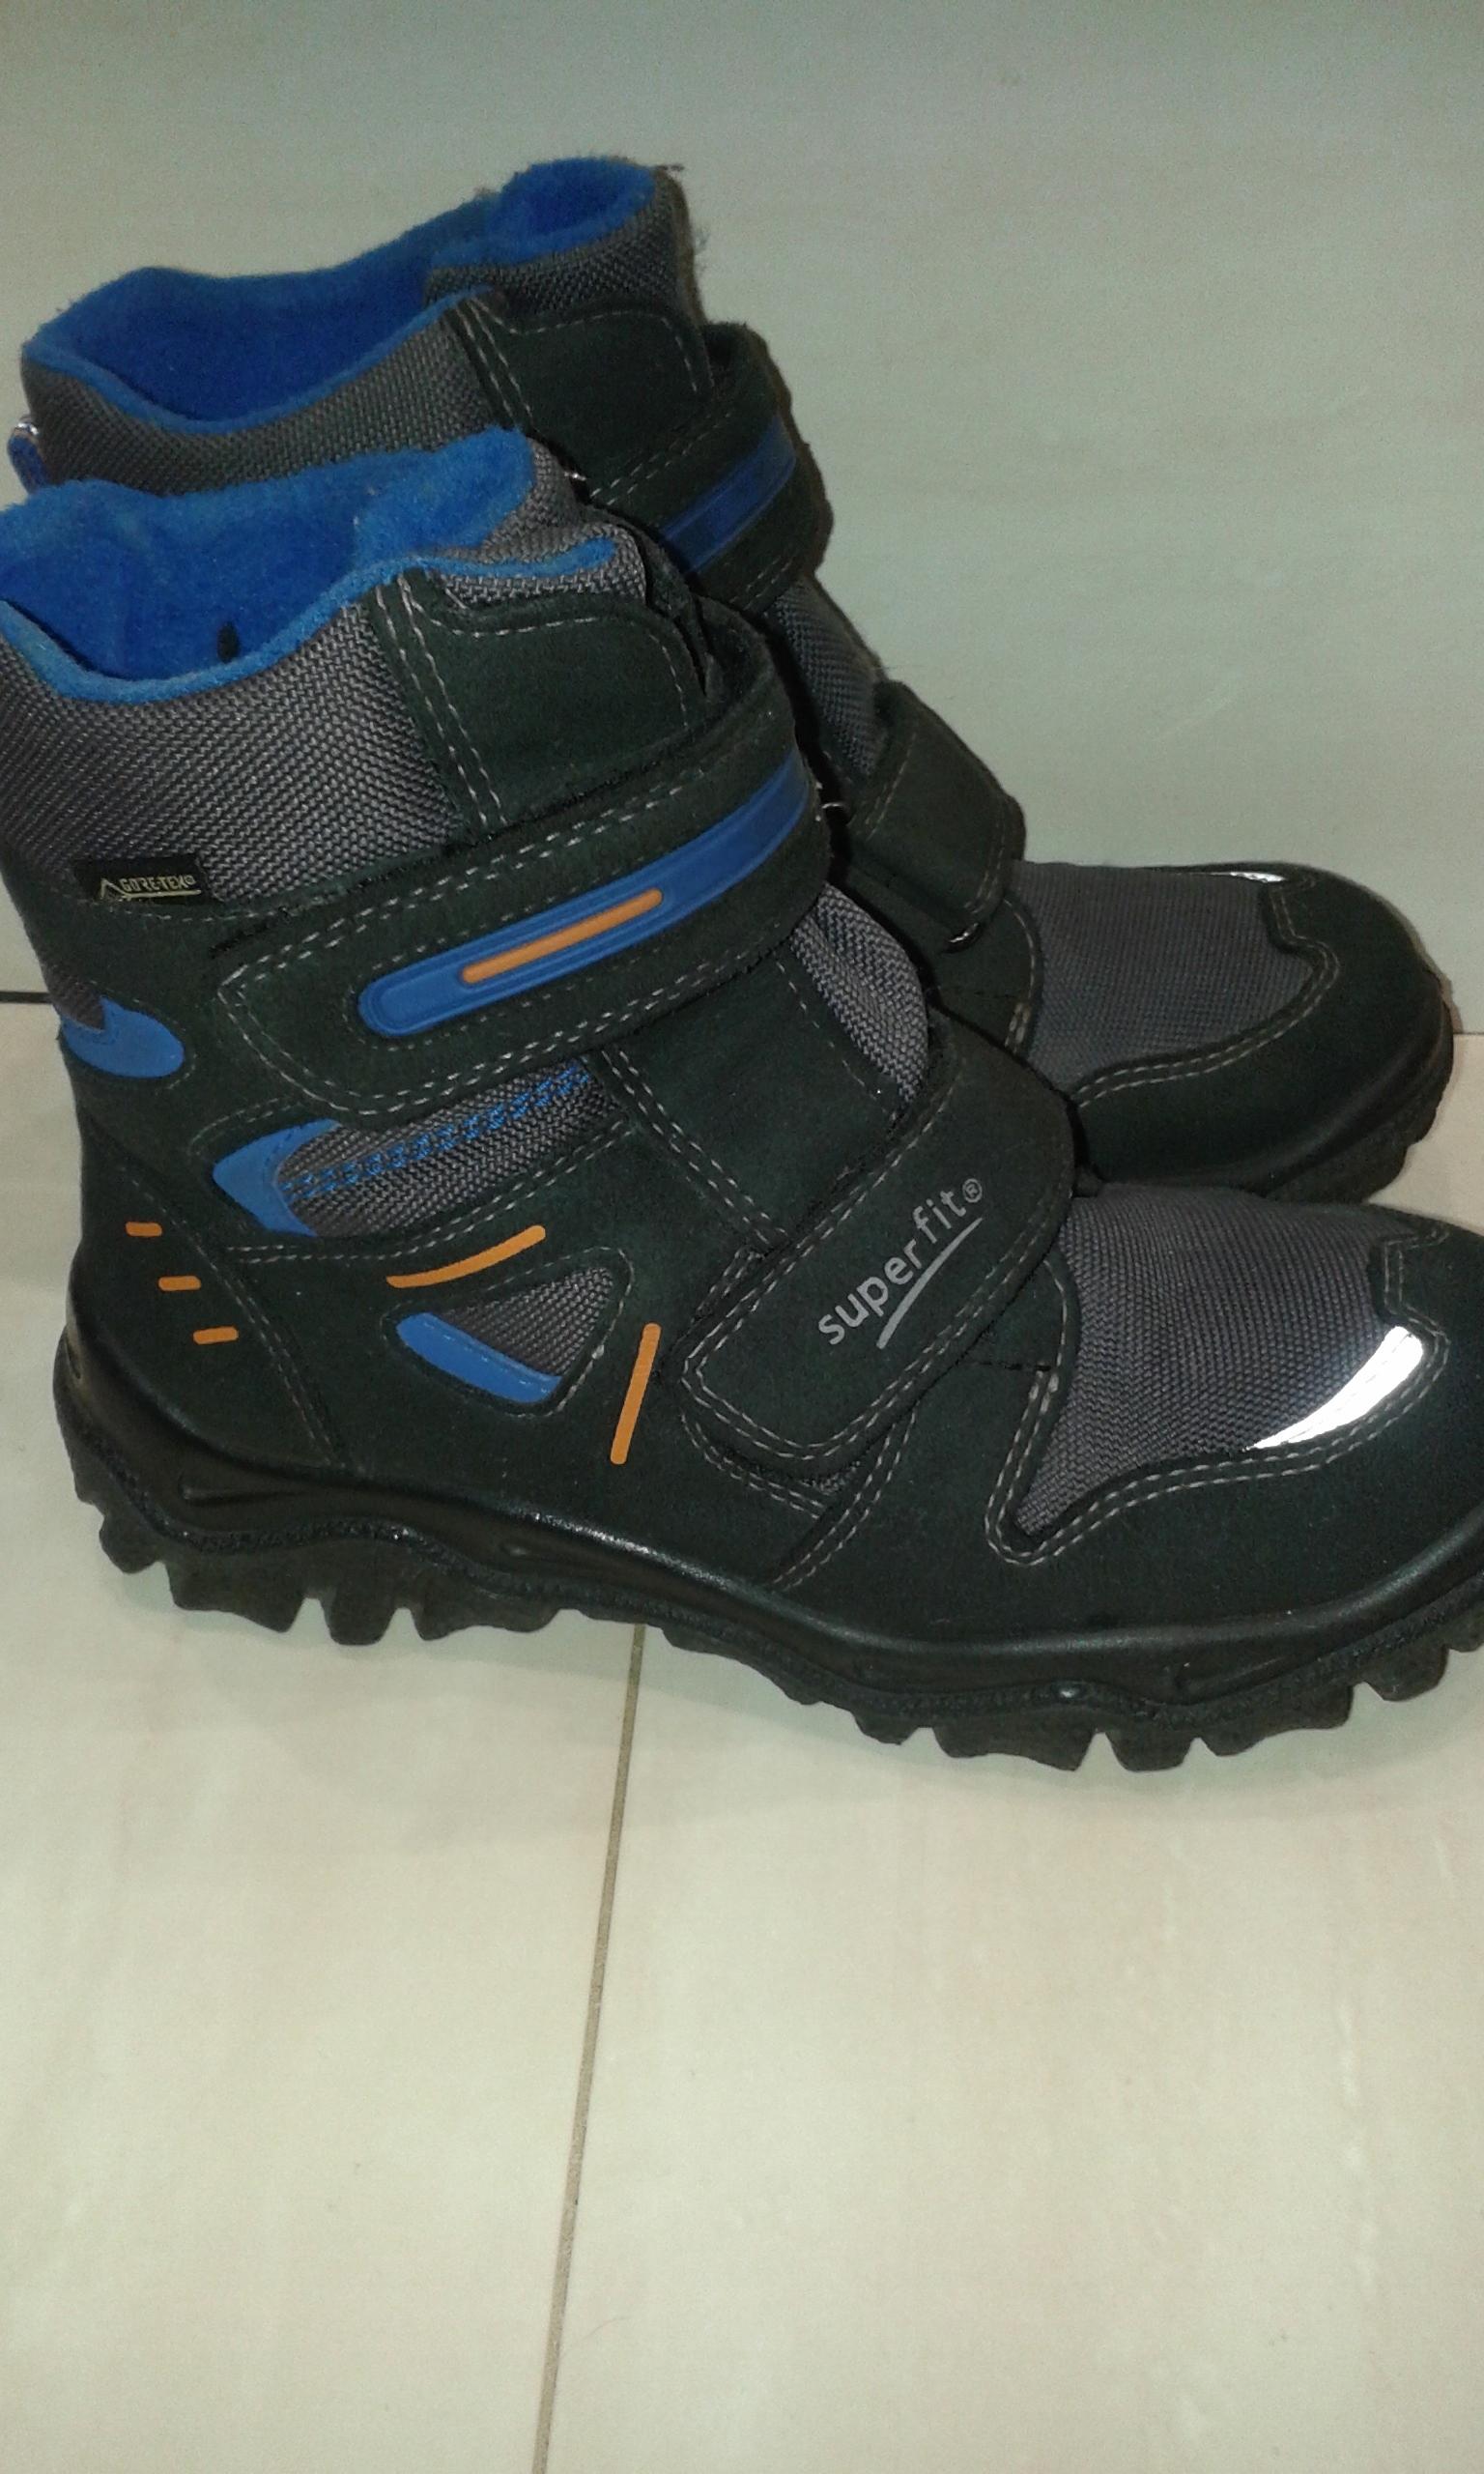 5d1e5eb3 Superfit buty zimowe dla chłopca rozmiar 32 - 7652344144 - oficjalne ...